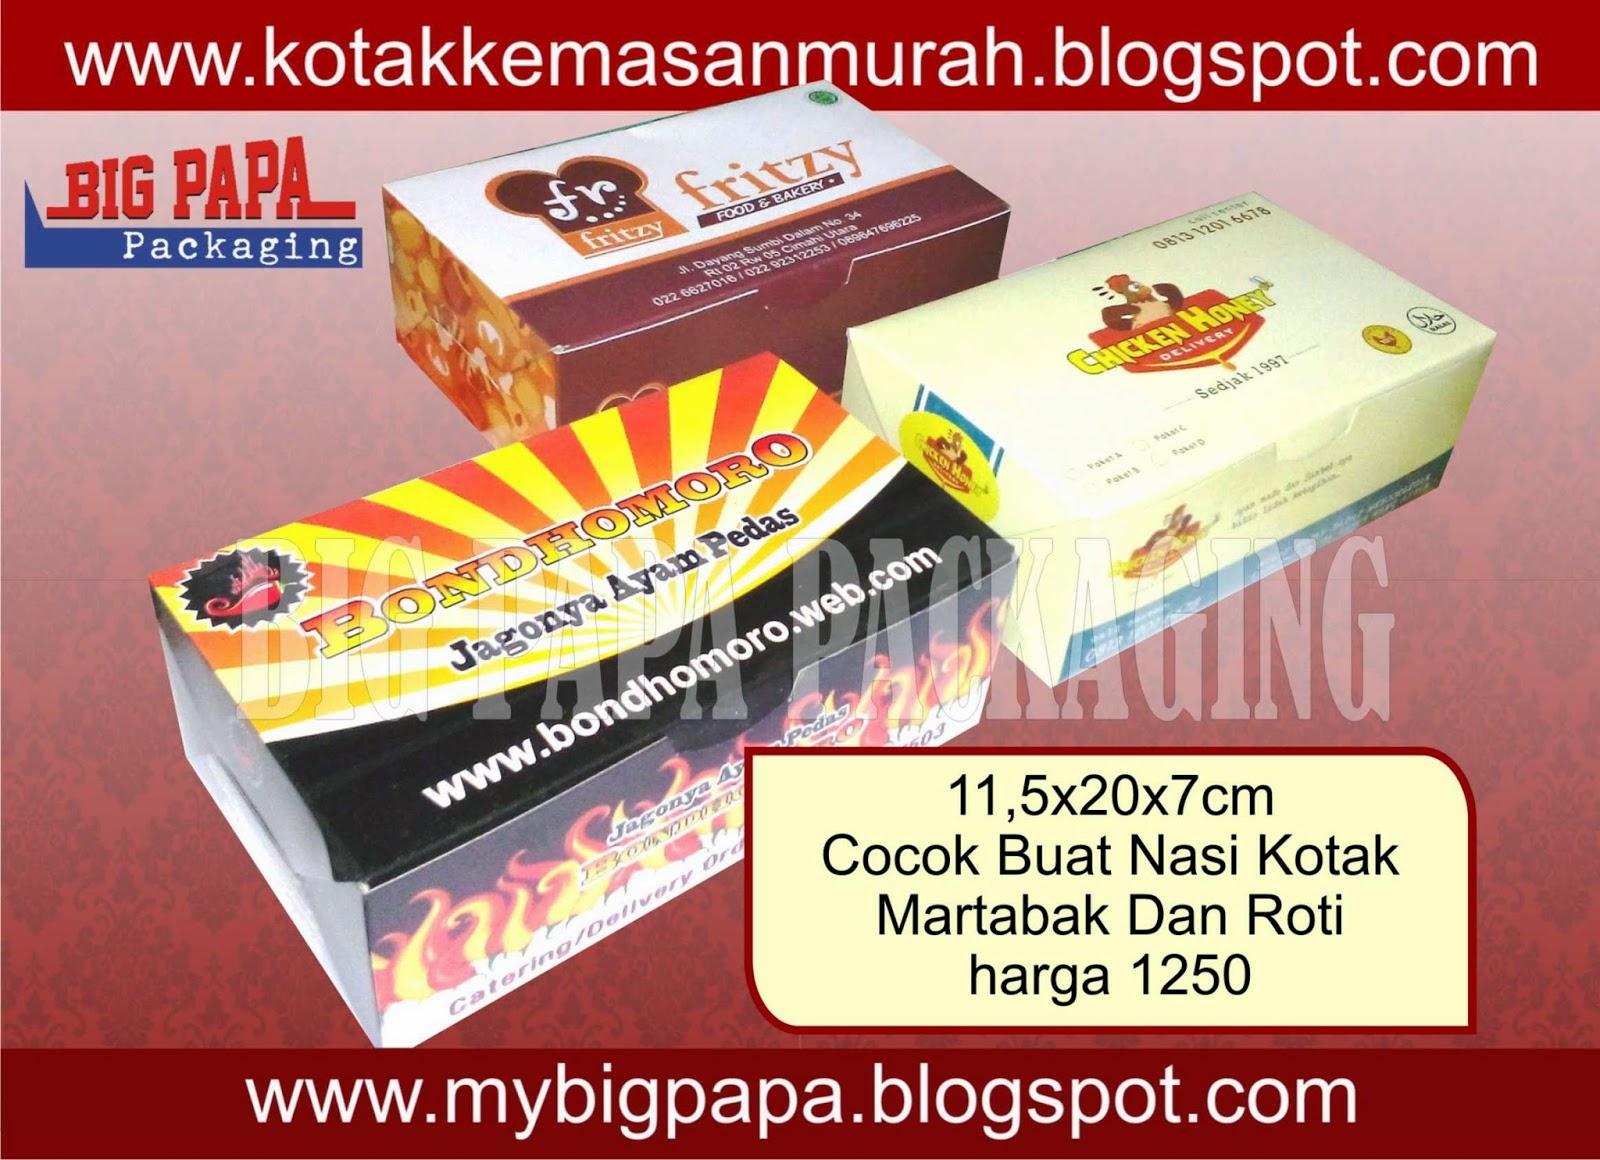 box nasi, kotak martabak